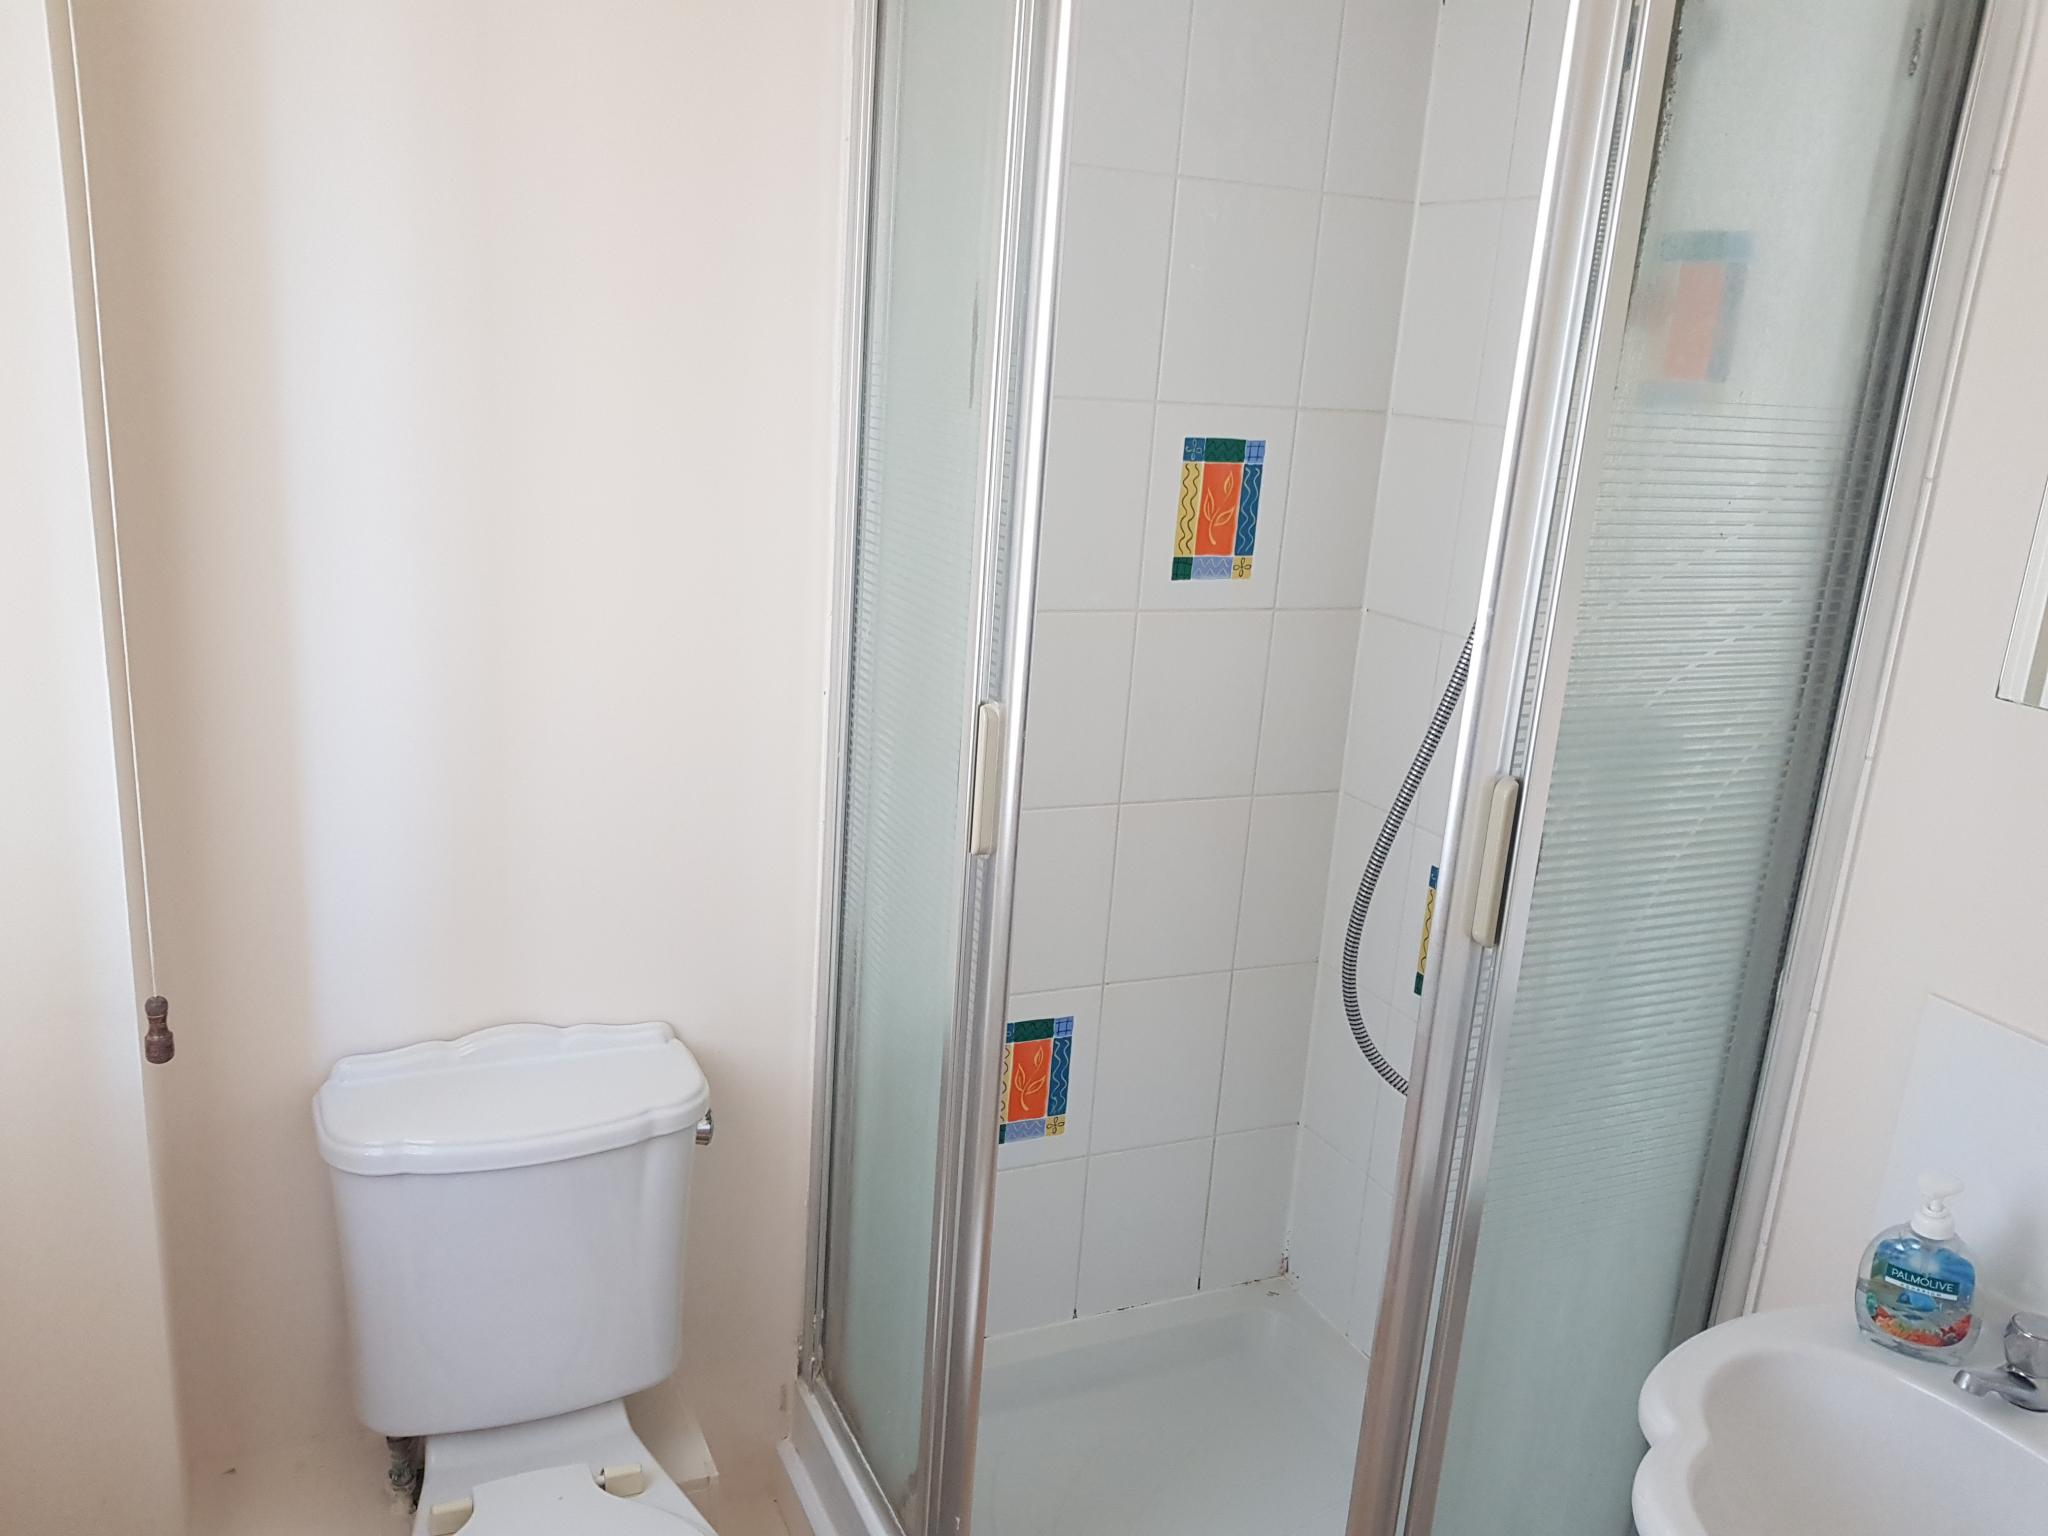 3 bedroom detached house SSTC in Ipswich - 9